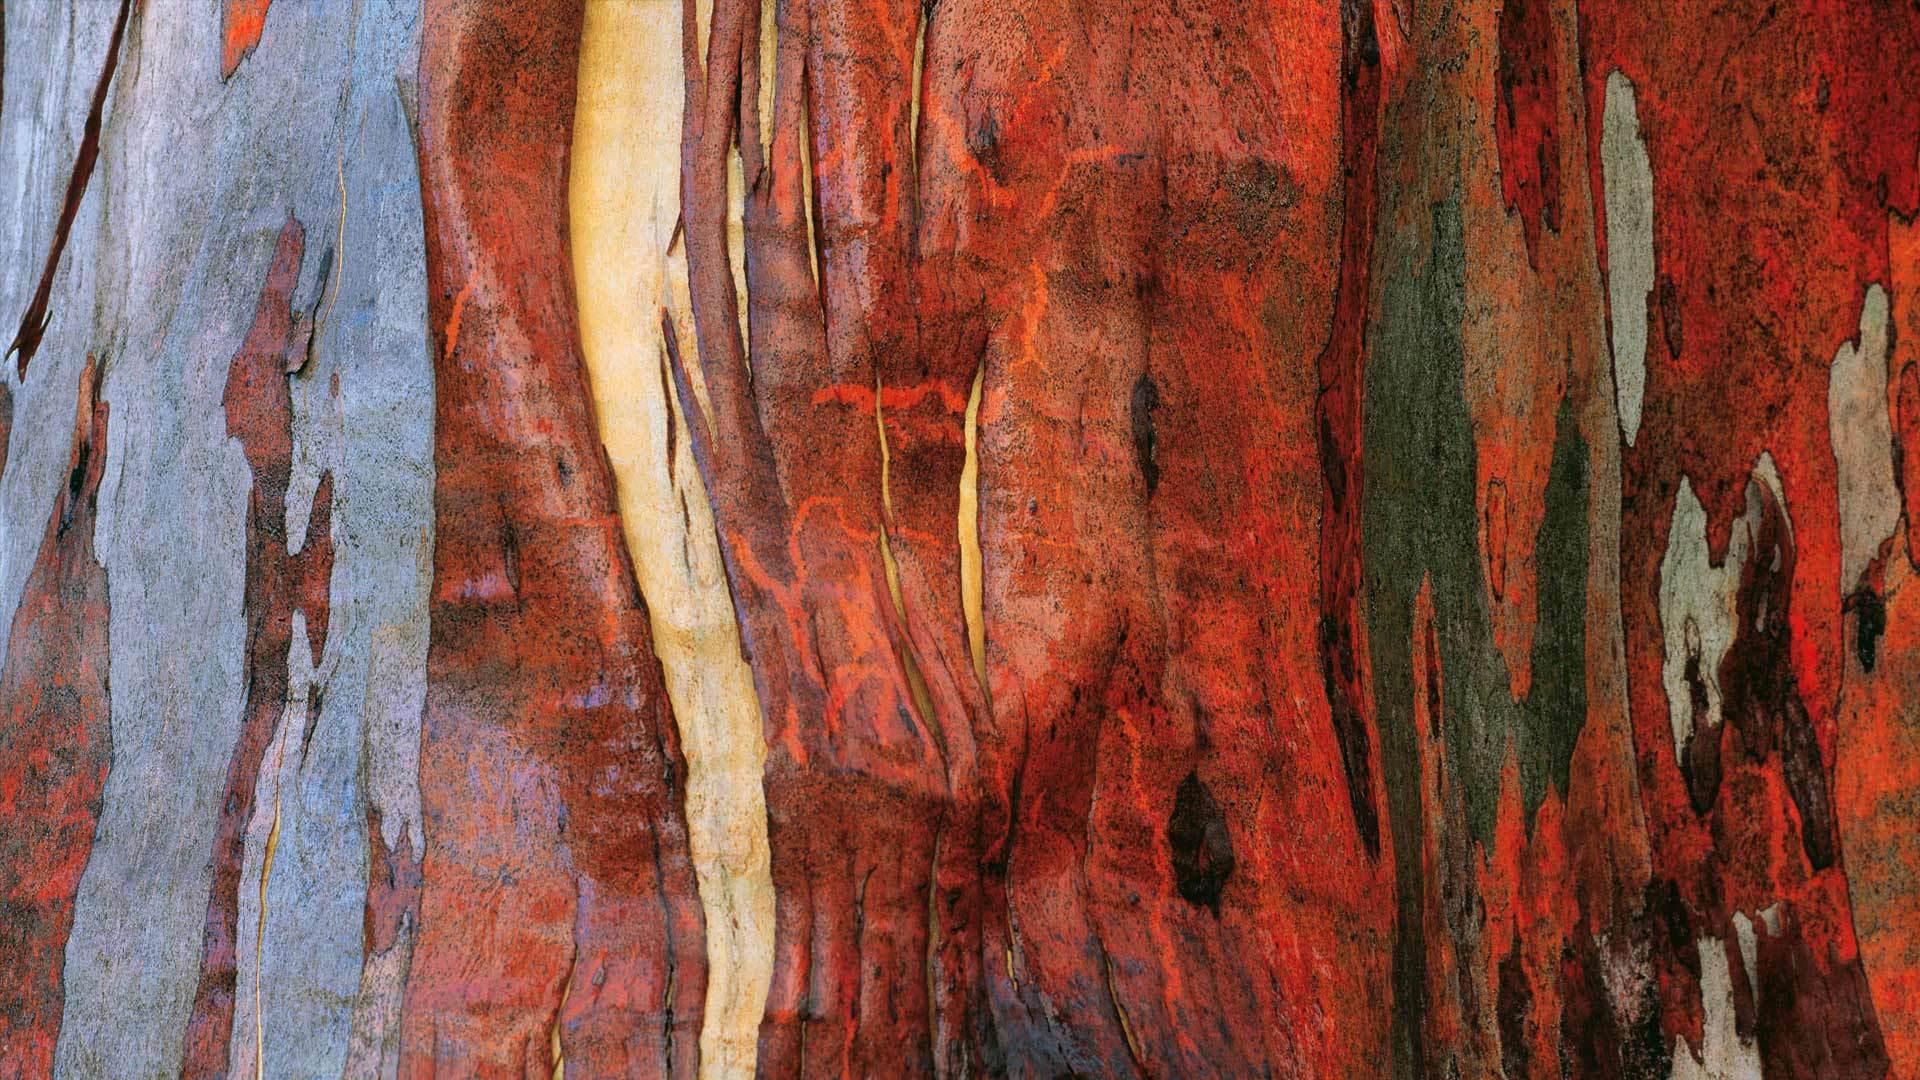 高山桉树的树皮